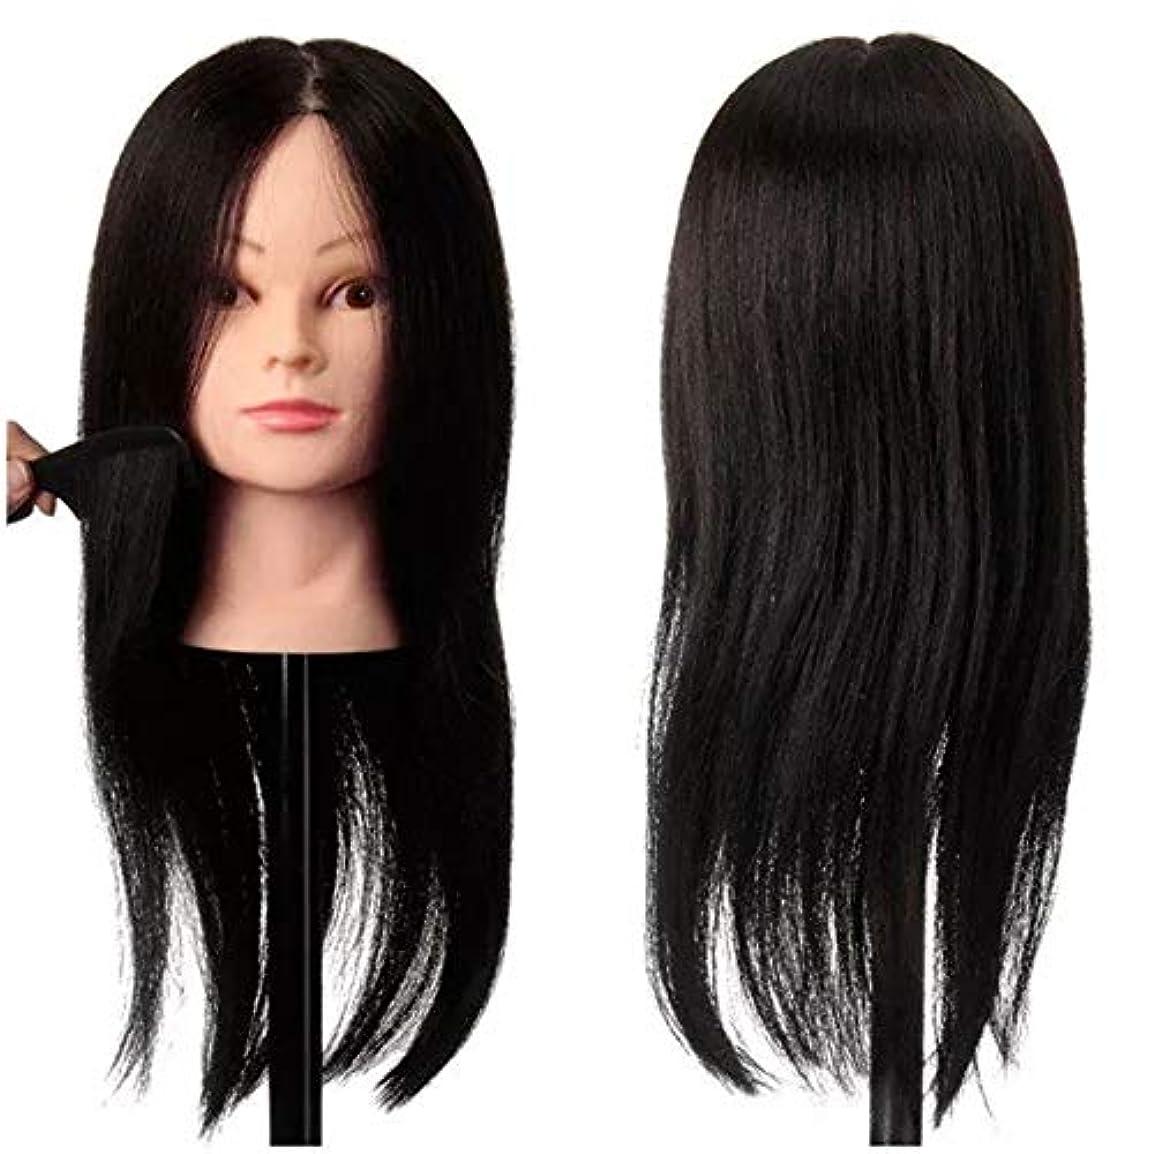 地元支配的宇宙船ウイッグ マネキンヘッド クランプホルダを切断100%黒の練習マネキン本物の人間の髪の毛のトレーニング頭理髪 練習用 (色 : ブラック, サイズ : 25*16*12cm)